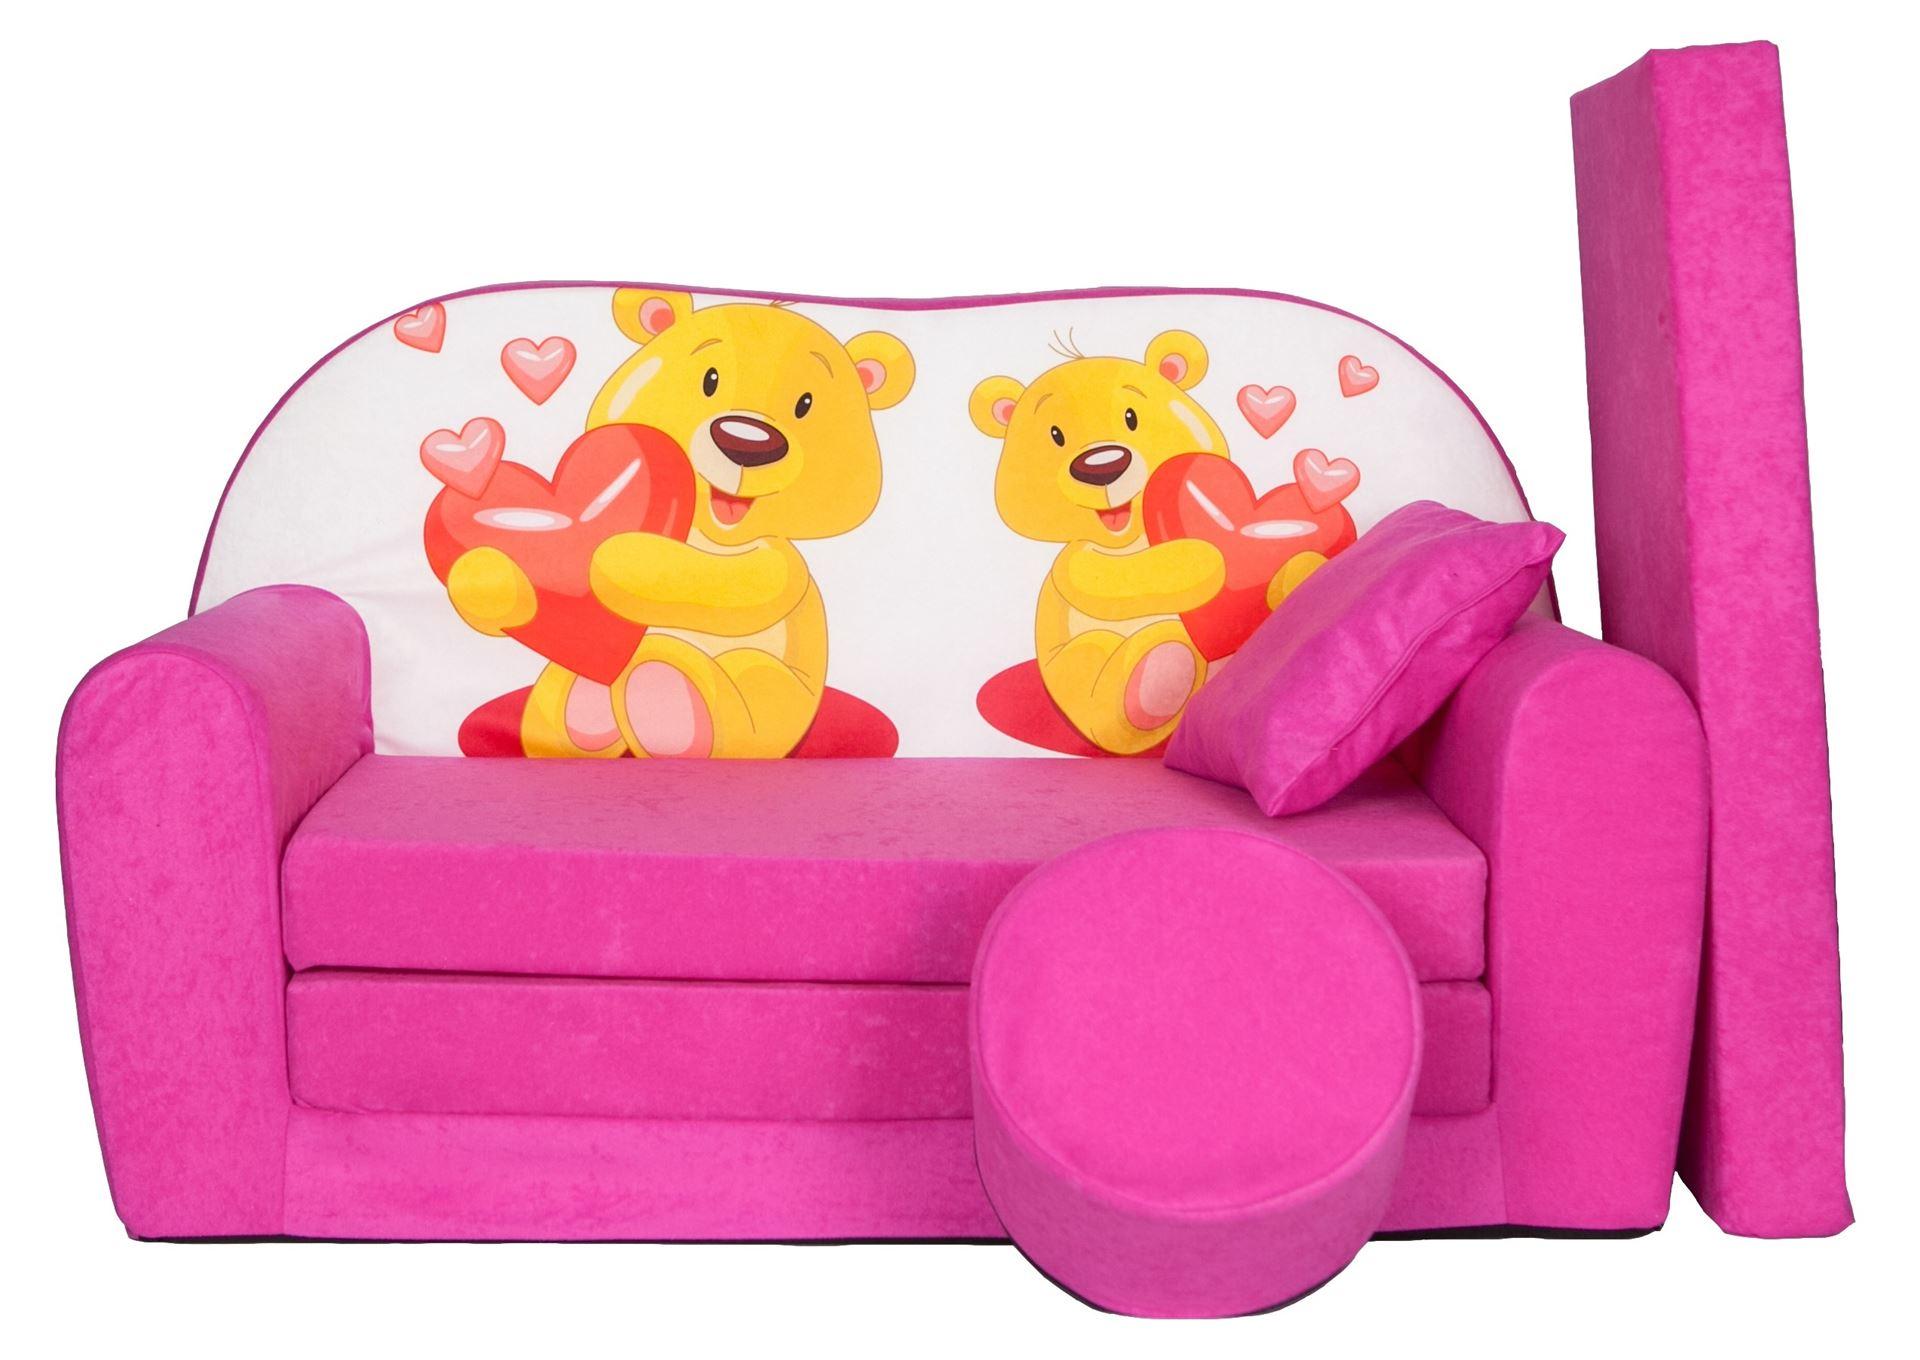 Rozkládací dětská pohovka s bobkem a polštářkem Méďové - Růžová